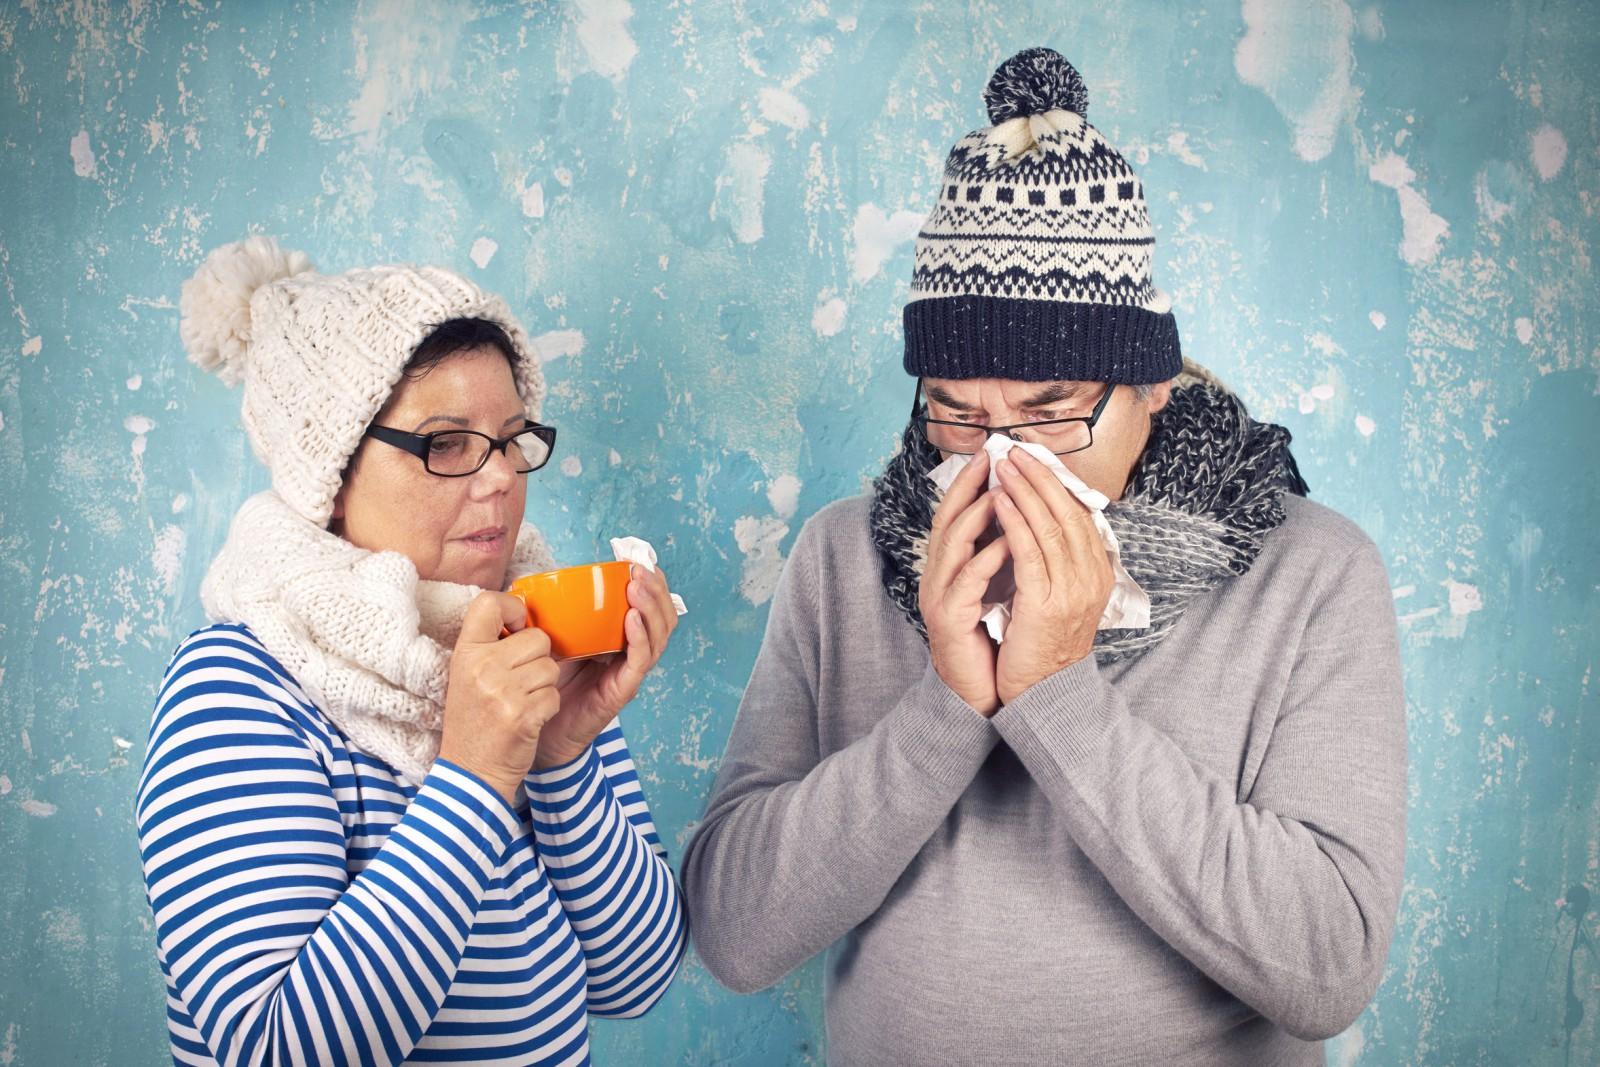 Erkrankungen Im Winter Ernst Nehmen